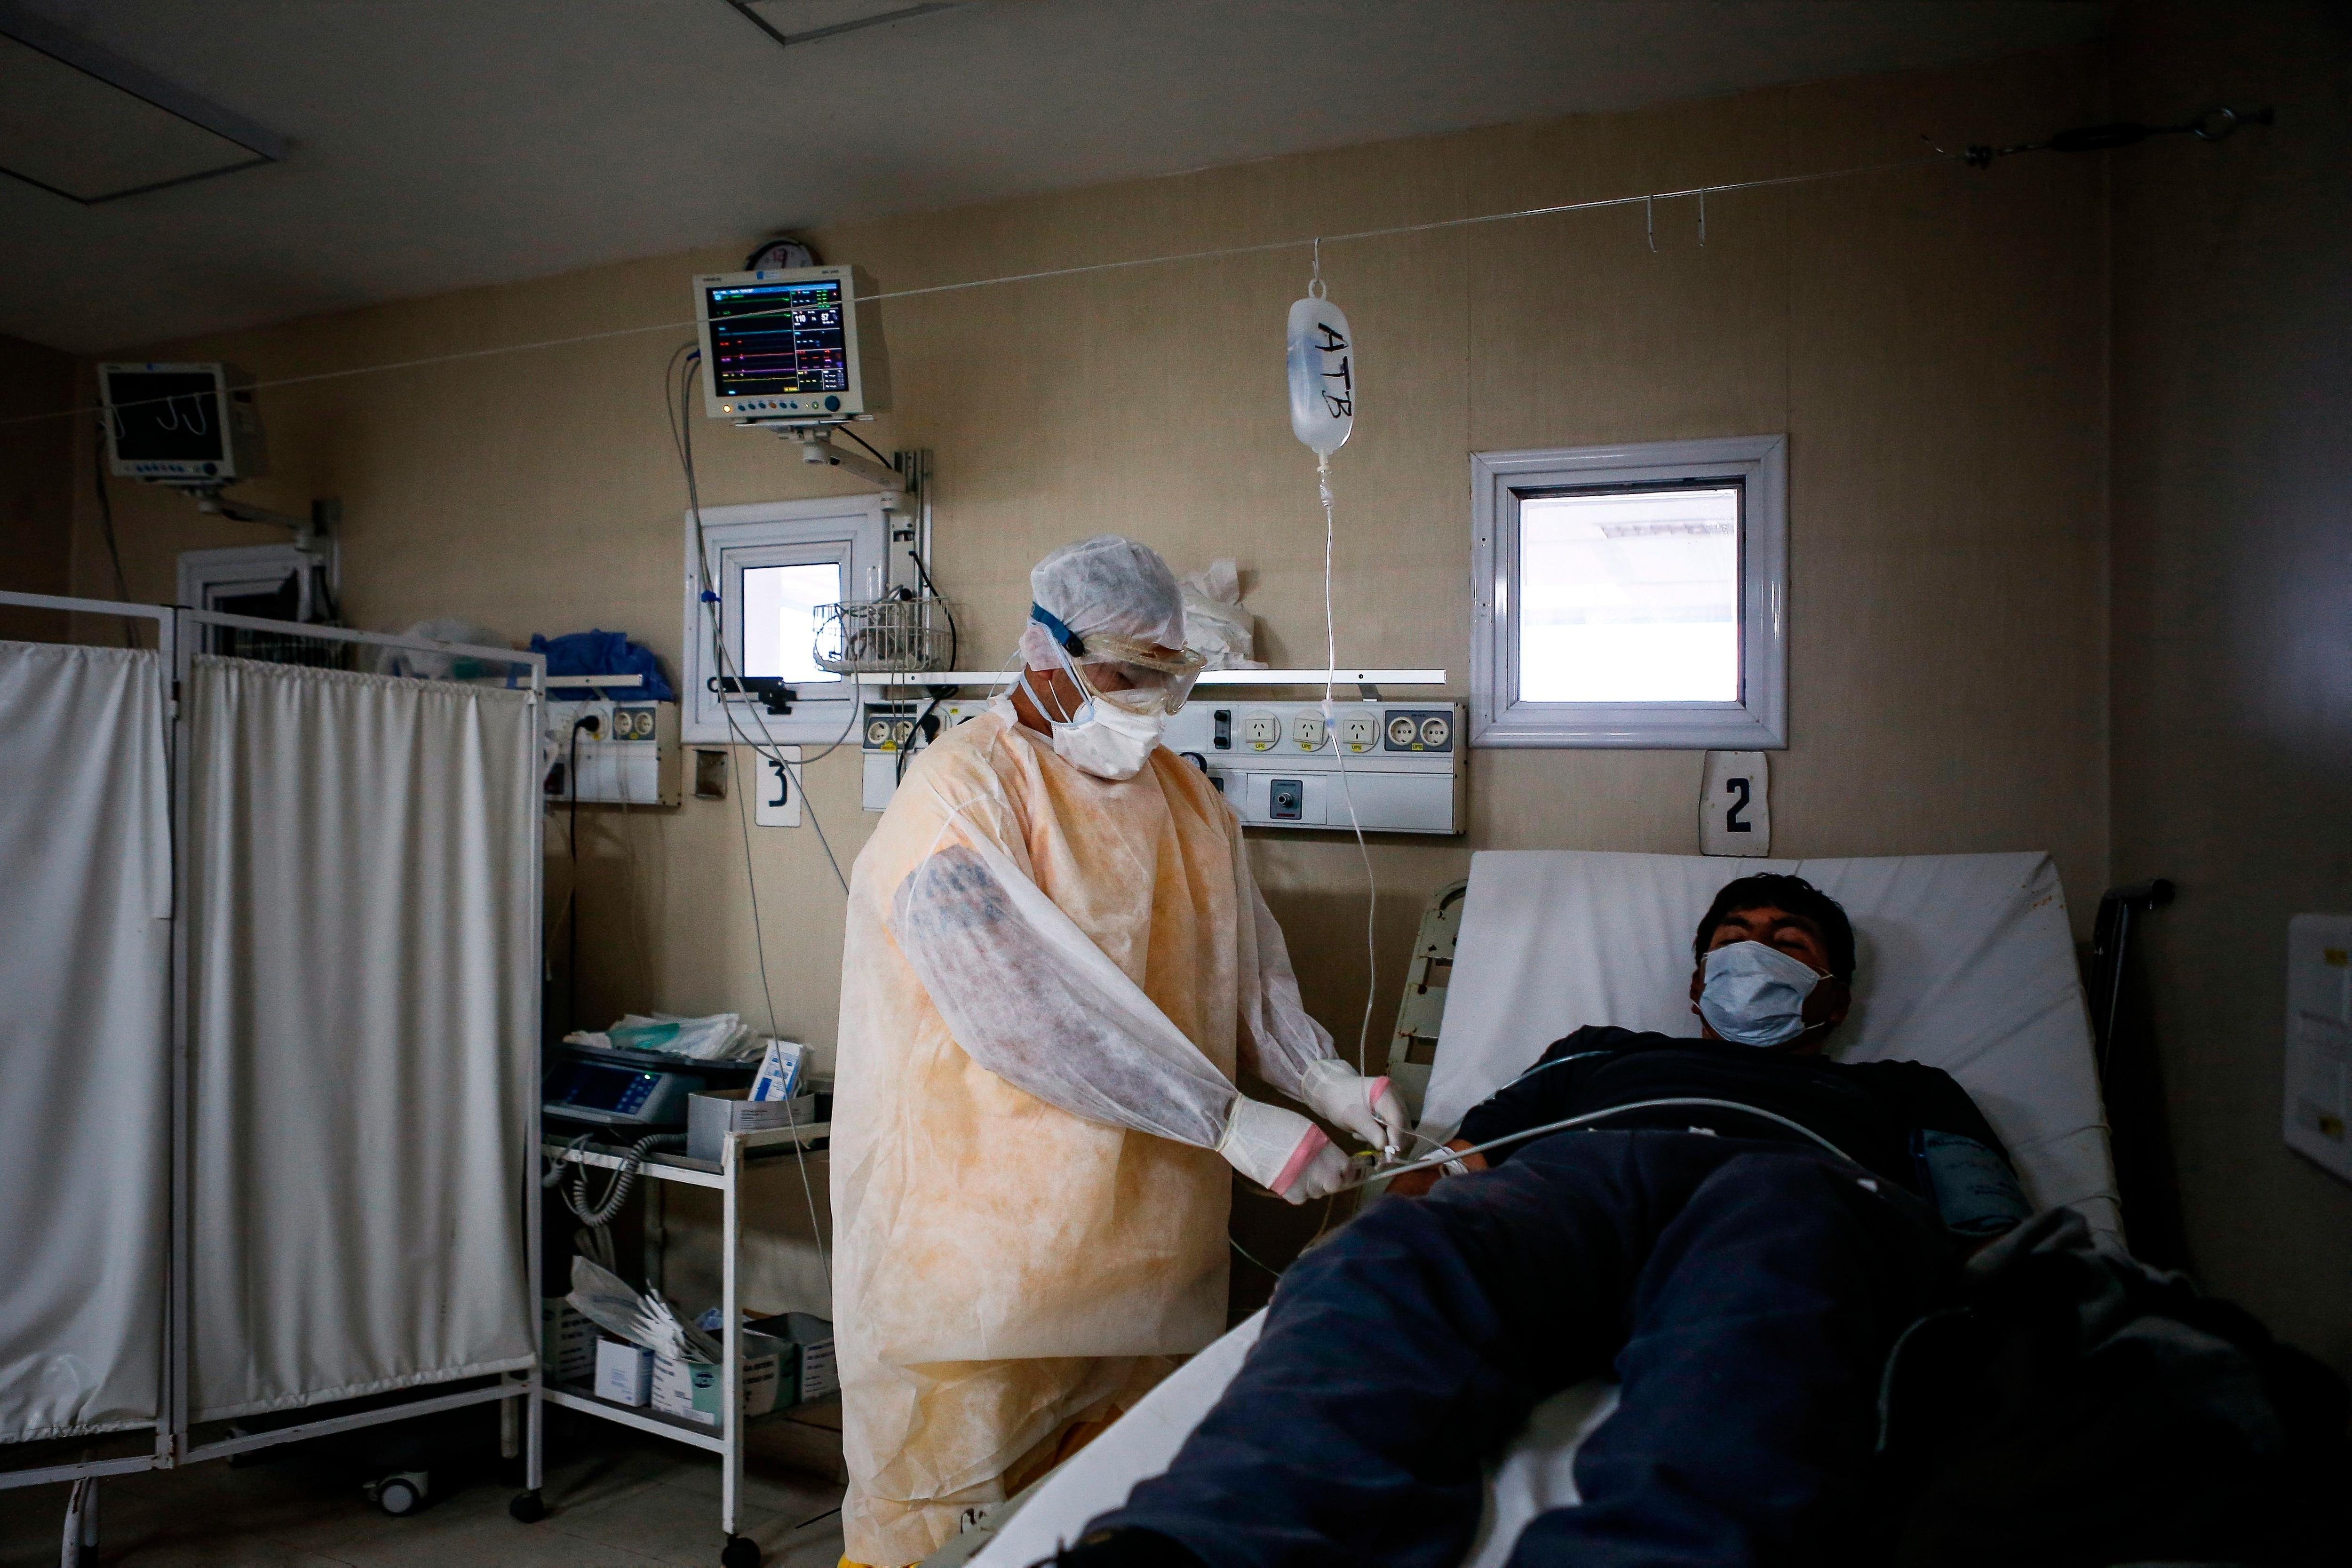 Un enfermero atiende a un paciente en la Unidad de Aislamiento de COVID-19 del Hospital de Agudos en Ezeiza, en la Provincia de Buenos Aires (Argentina). EFE/Juan Ignacio Roncoroni/Archivo